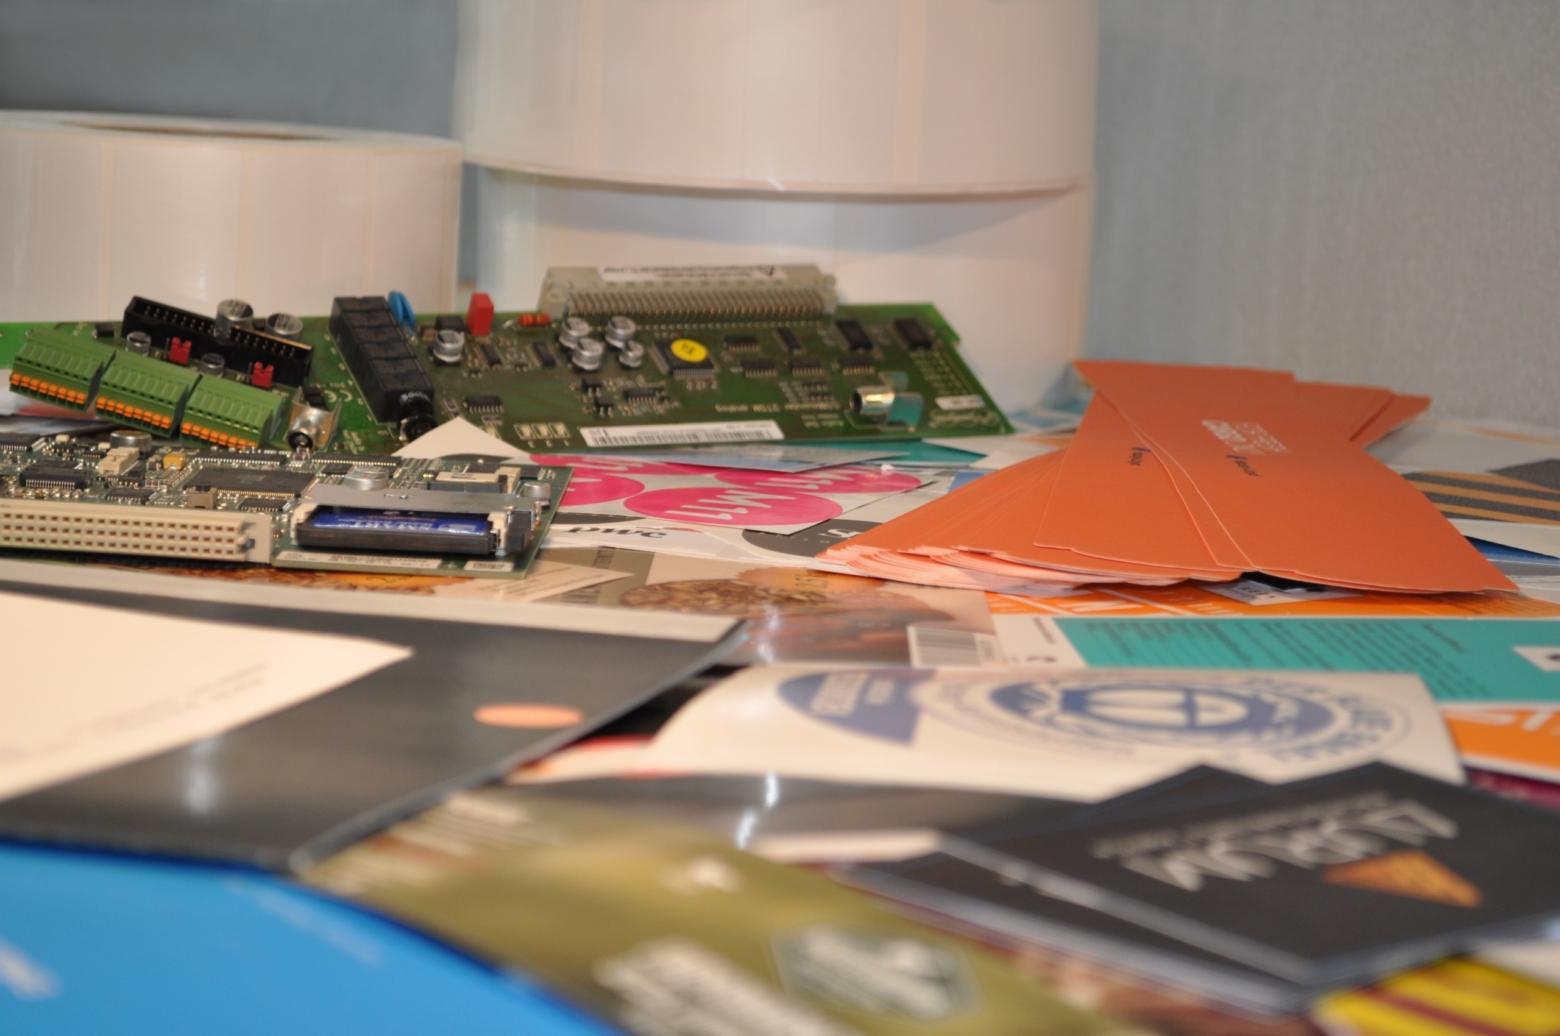 Bild mit verschiedenen Druckmaterialien: Papier, Aufklebern und einiges mehr.